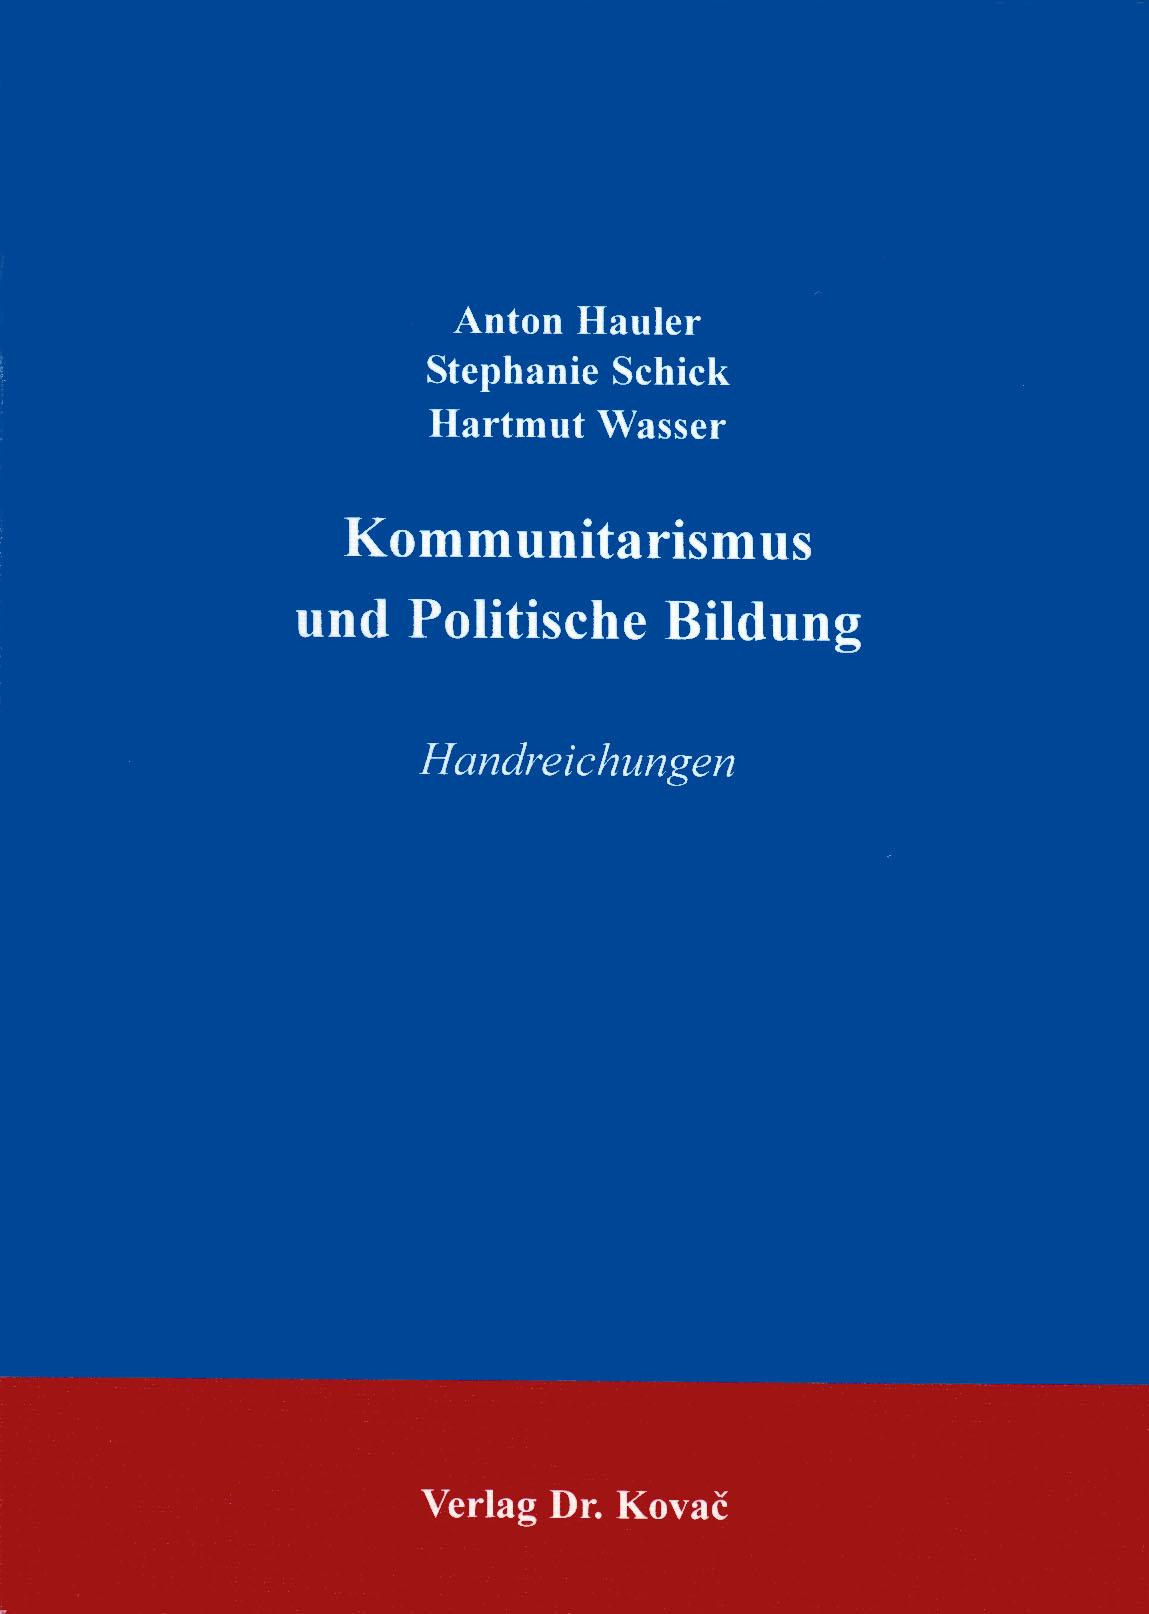 Cover: Der Kommunitarismus als Gegenstand und Instrument der Politischen Bildung